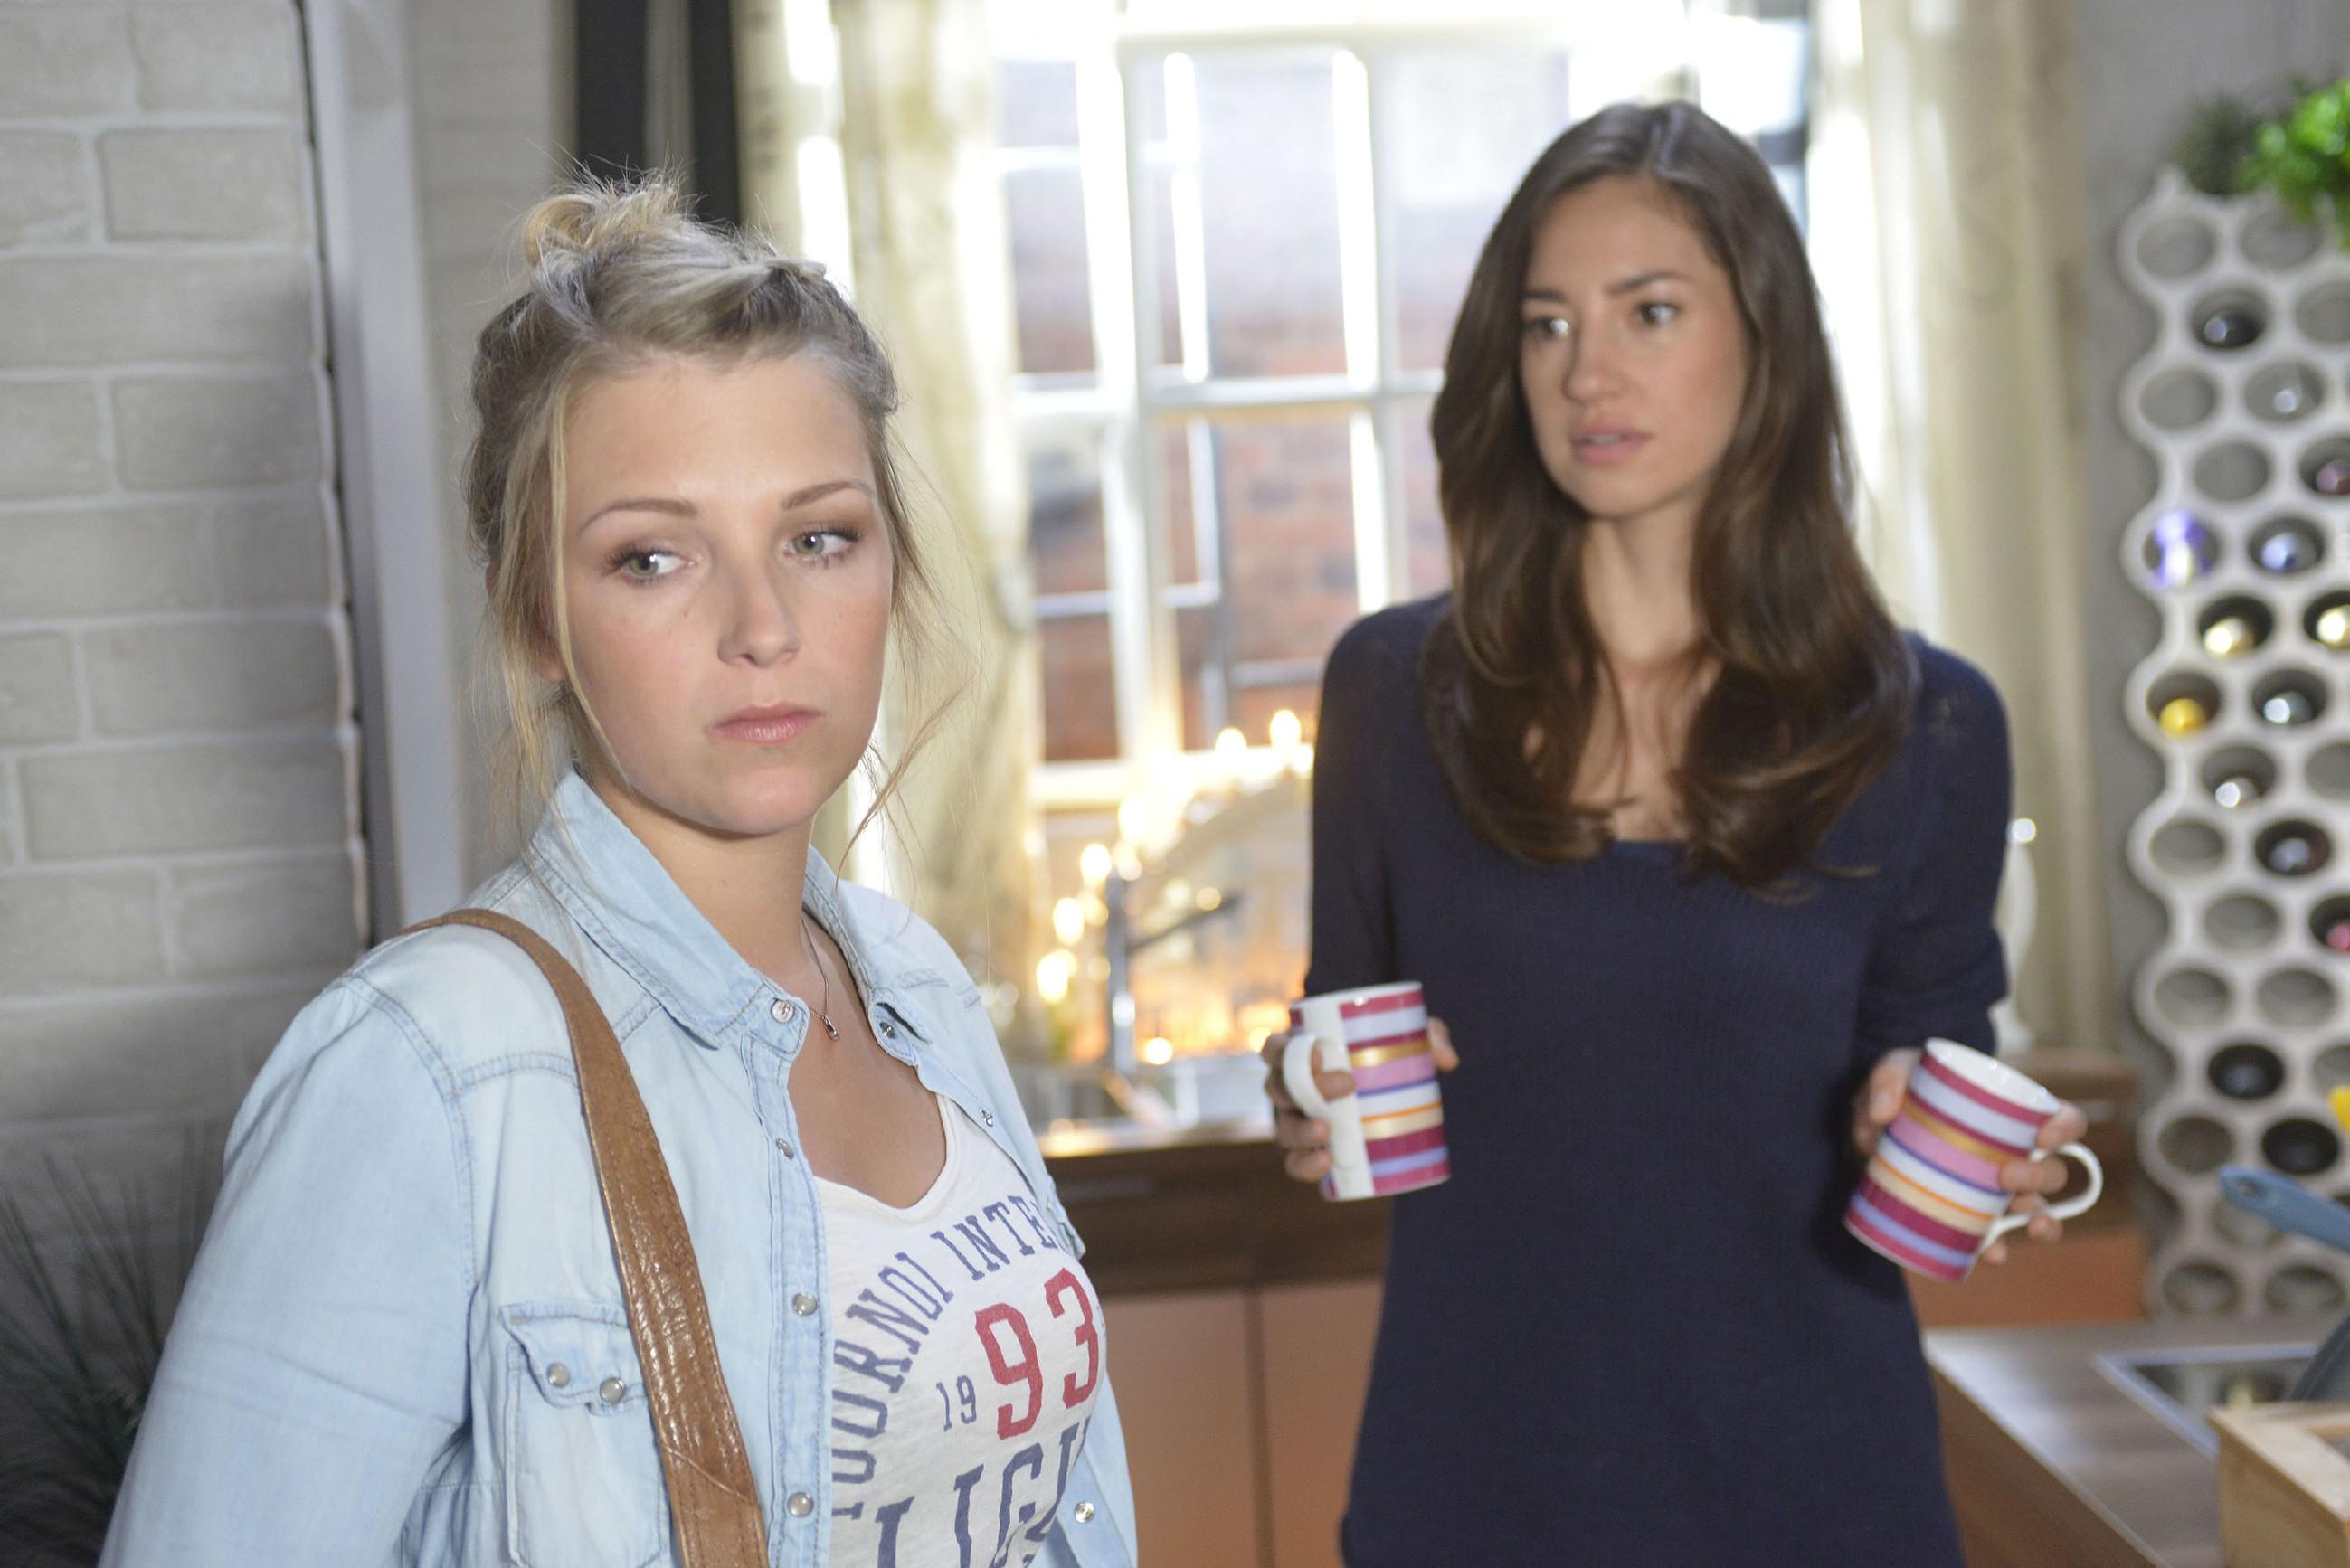 Elena (Elena Garcia Gerlach, r.) ist enttäuscht, dass auch Lilly (Iris Mareike Steen) sich von ihr abwendet.